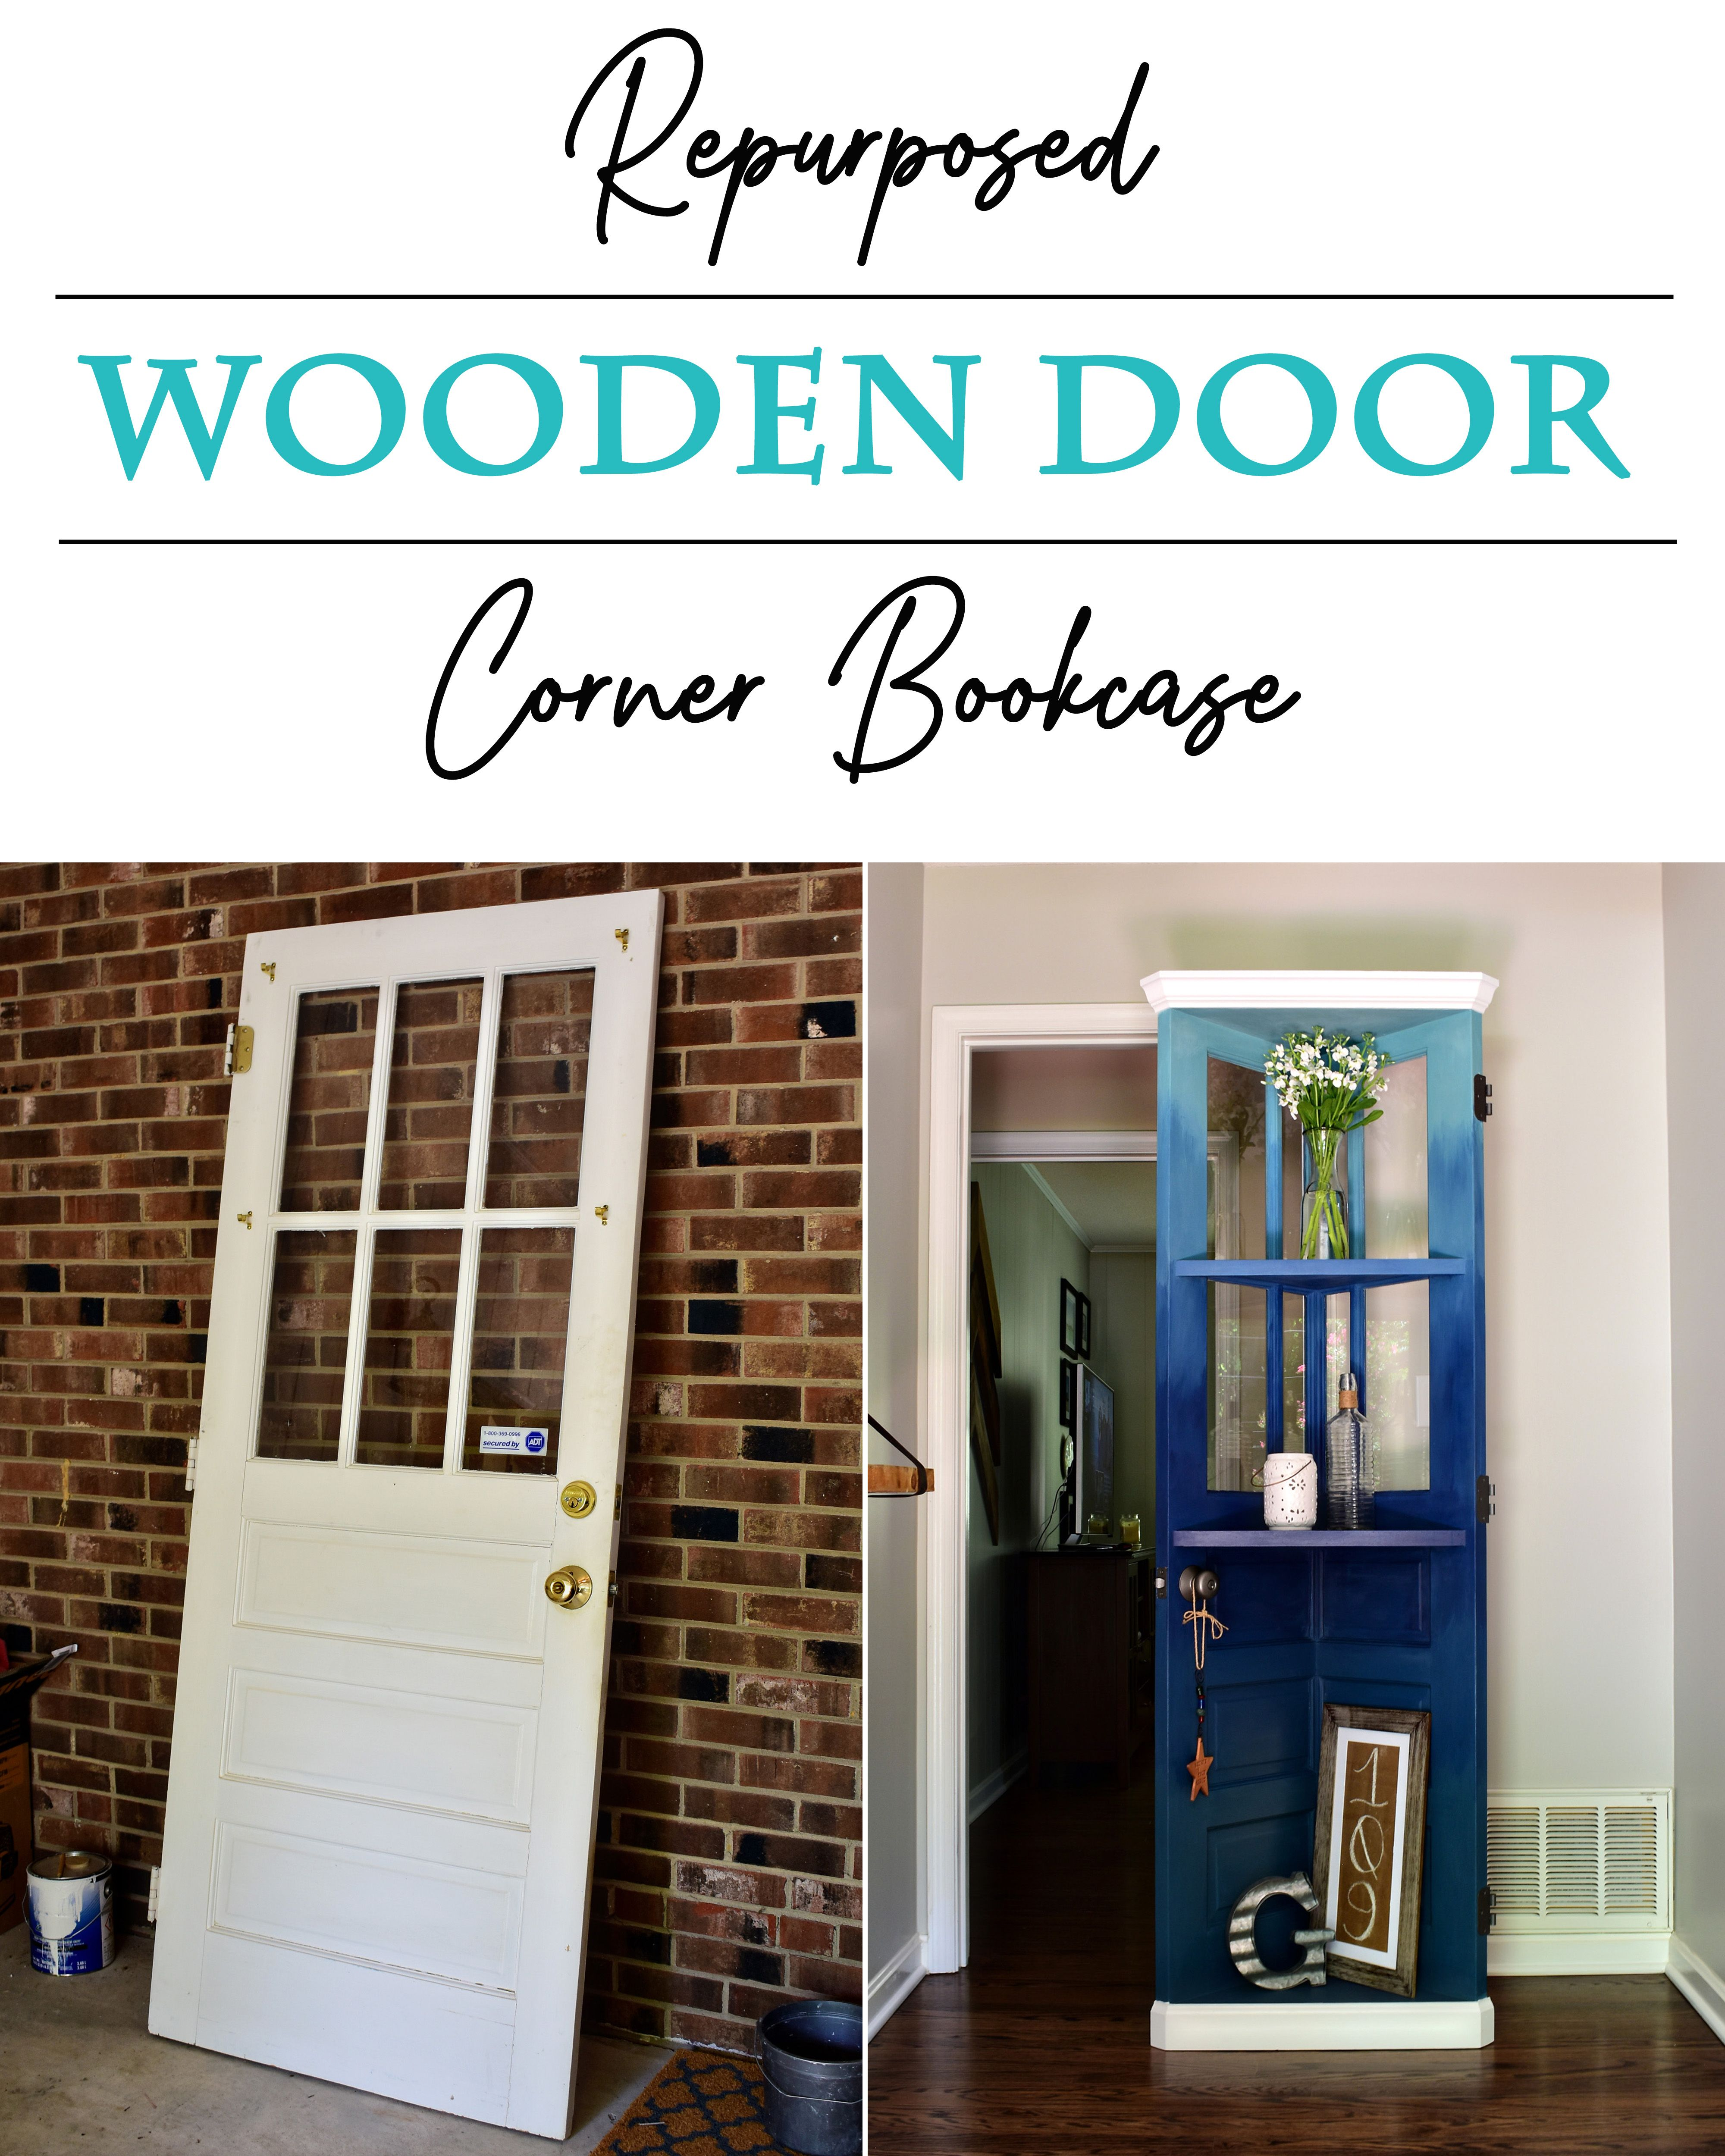 Photo of Wooden Door Re-purpose